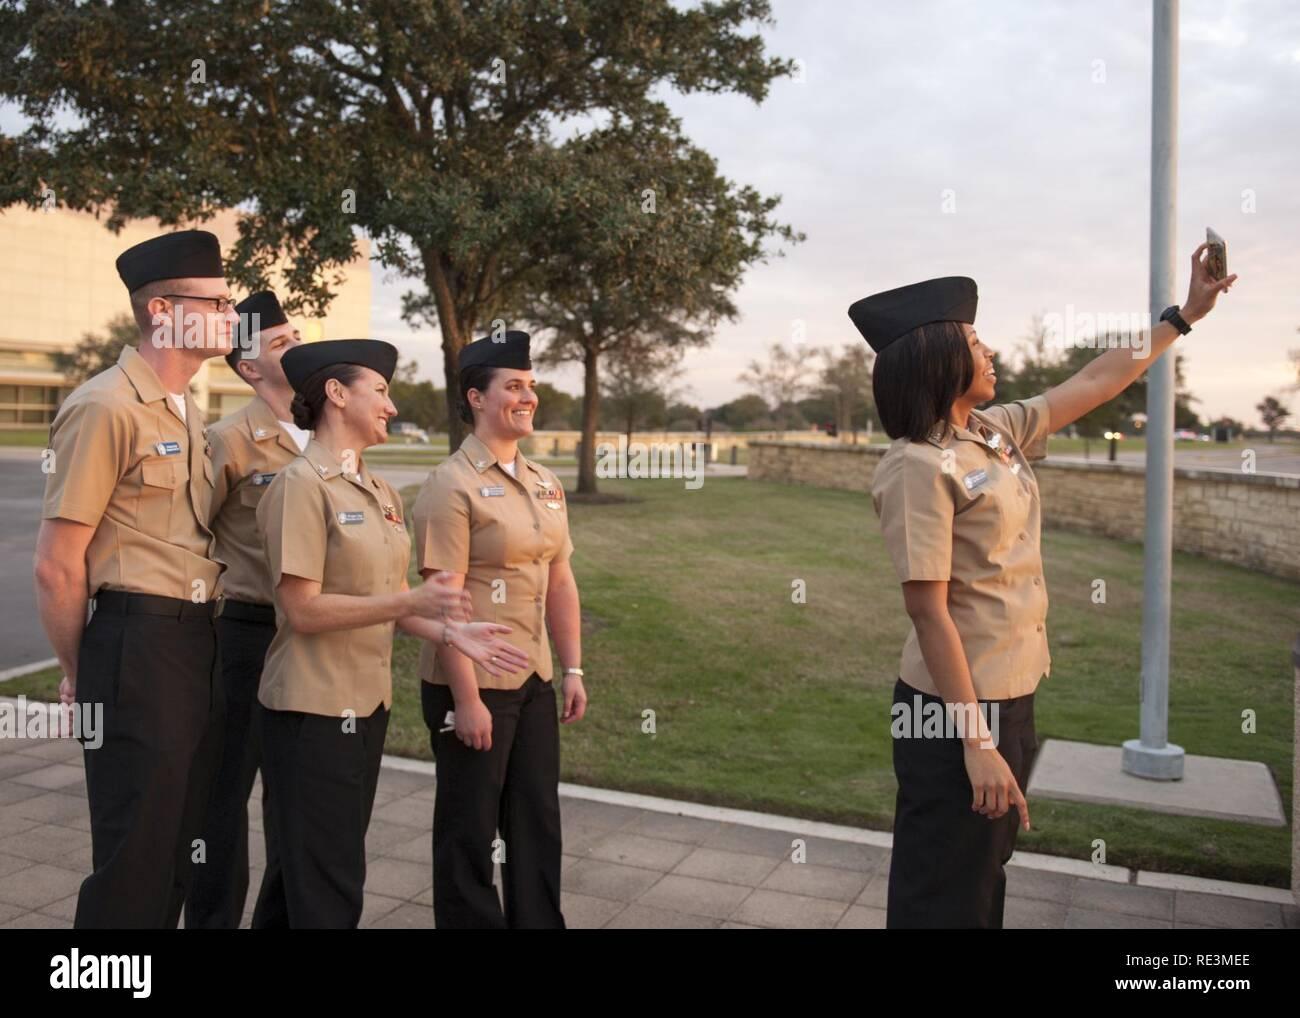 (COLLEGE Station, Texas) 2016 Des marins de l'année pour le porte-avions USS George H. W. Bush (CVN 77) prendre une photo ensemble au cours d'une visite de la Texas A&M University à College Station, Texas. La visite fait partie d'un voyage de deux jours à New York où l'homonyme de marins s'est engagé avec la communauté locale à l'importance de la Marine. Banque D'Images